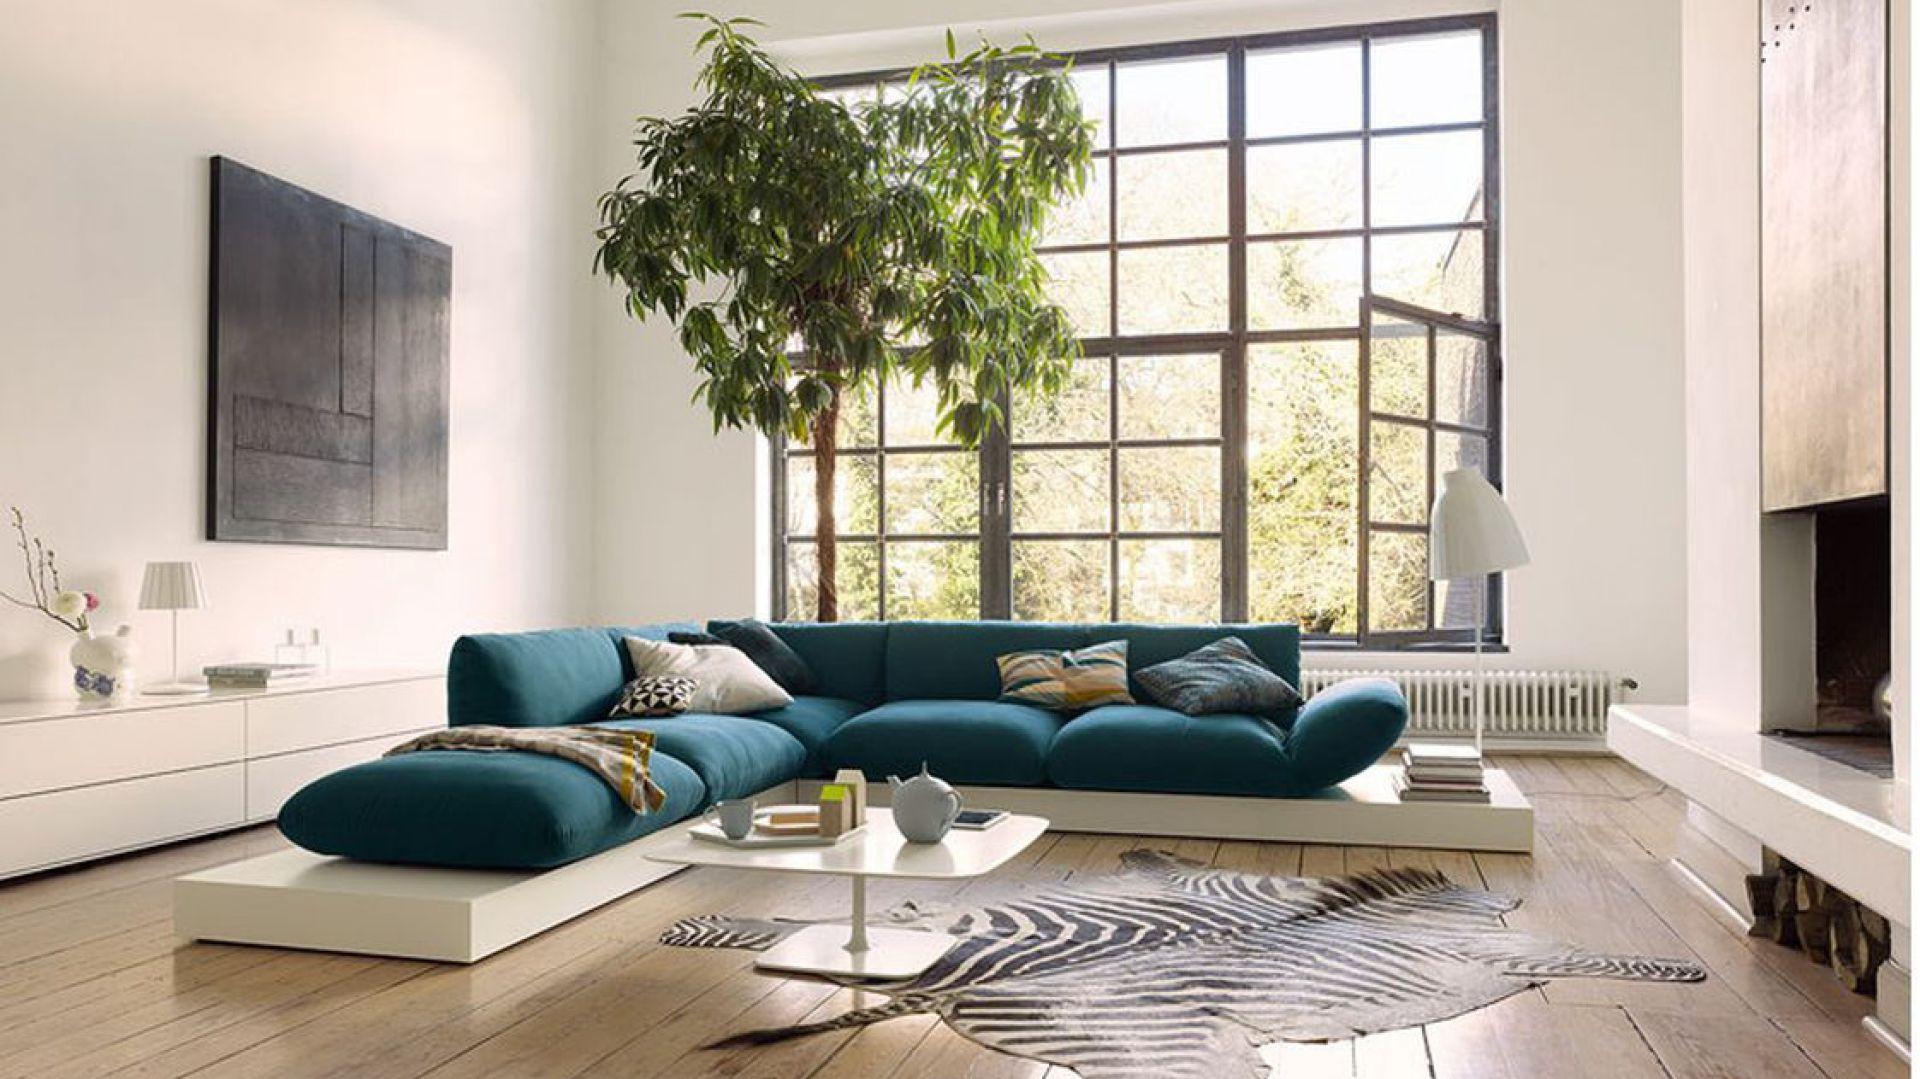 Niebieska tapicerka pięknie komponuje się z białym podestem, na którym zostało umieszczone siedzisko sofy marki Cor. Fot. Galeria Wnętrza